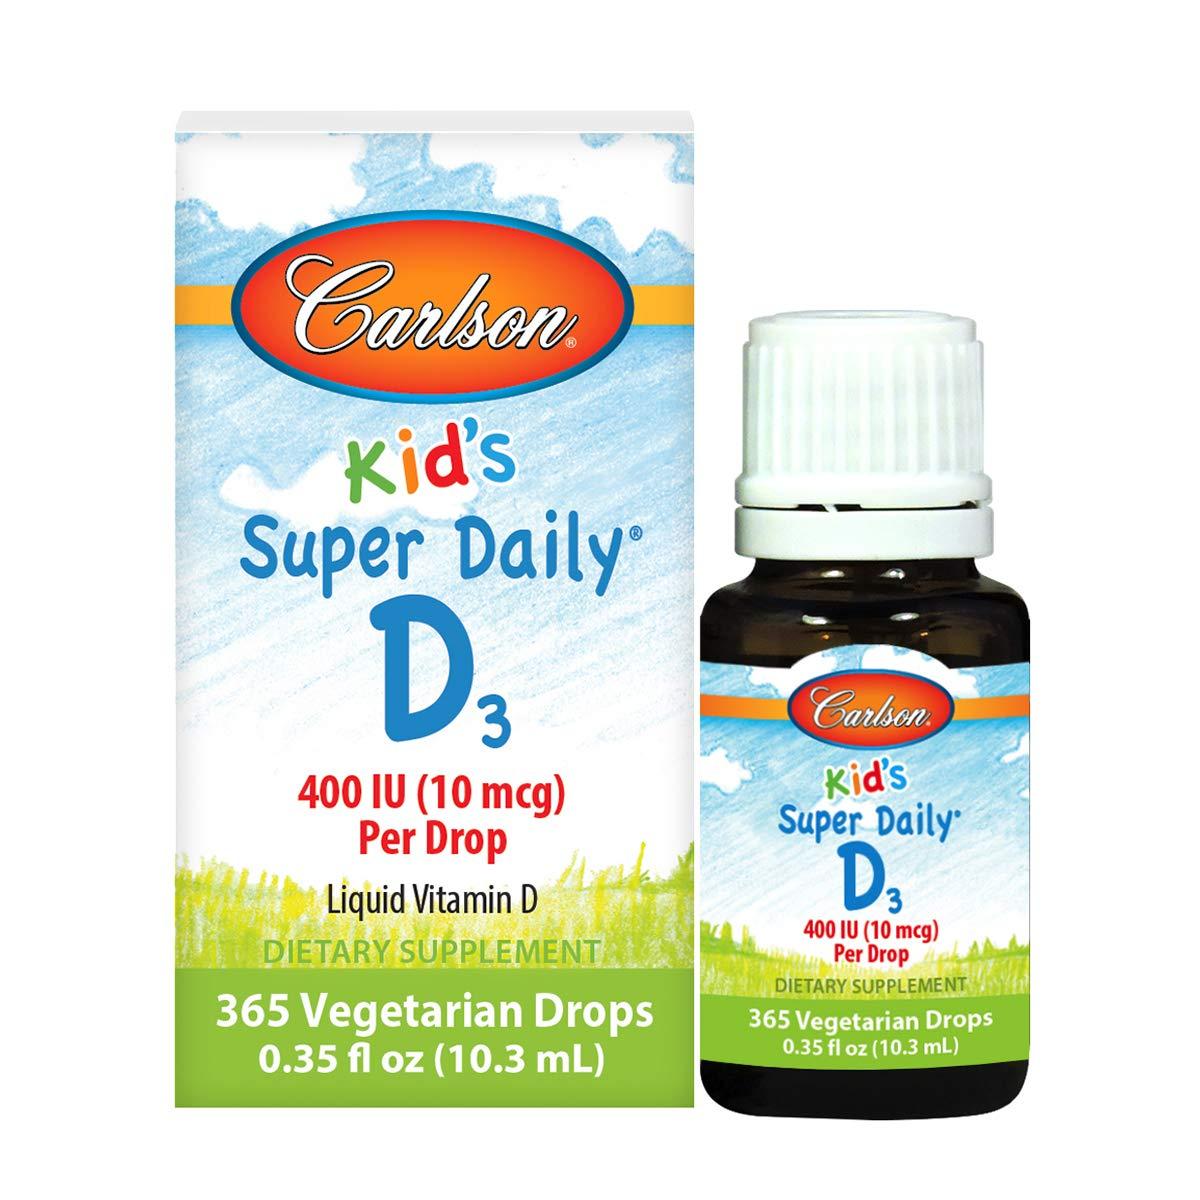 Carlson - Kid's Super Daily D3, Kids Vitamin D Drops, 400 IU (10 mcg) per Drop, Heart Health, Immune Support, Vegetarian, Liquid Vitamin D Drops, Unflavored, 365 Drops